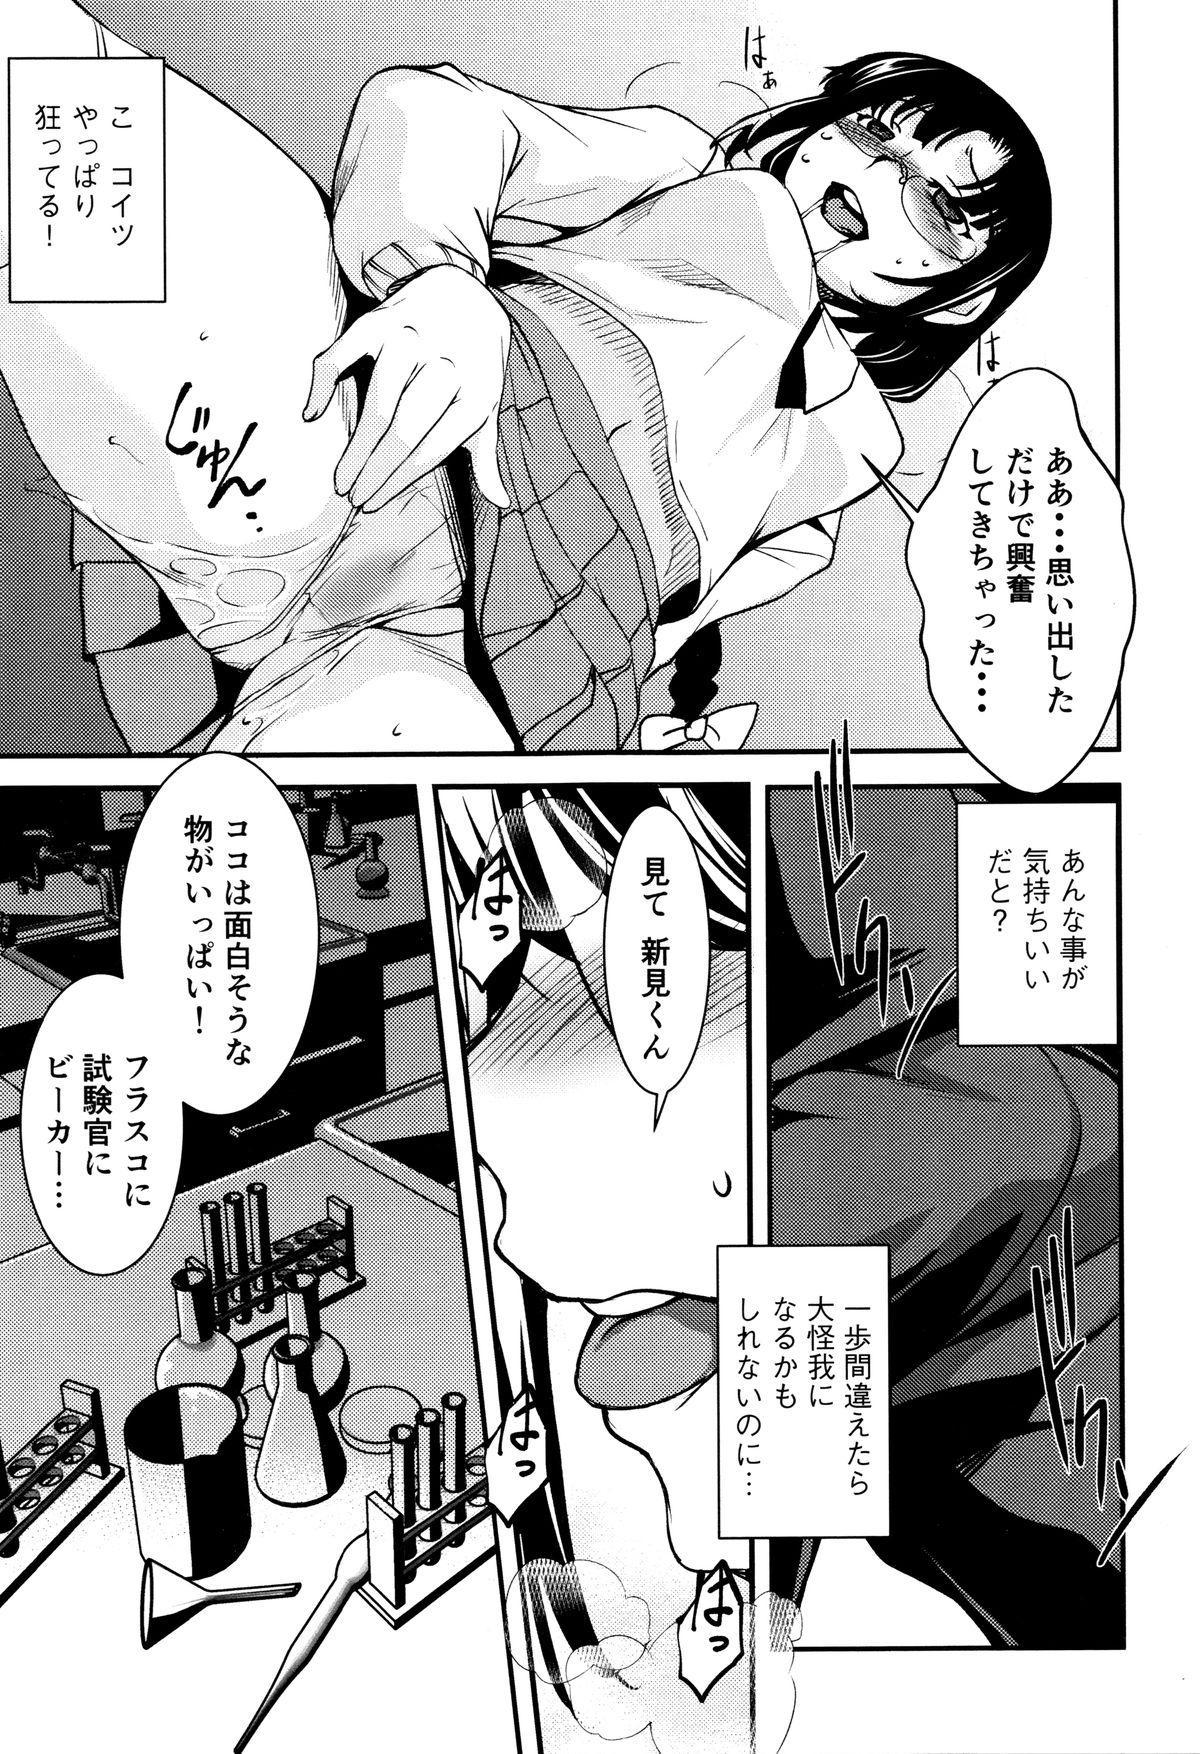 Shikyuu Yuugi 29